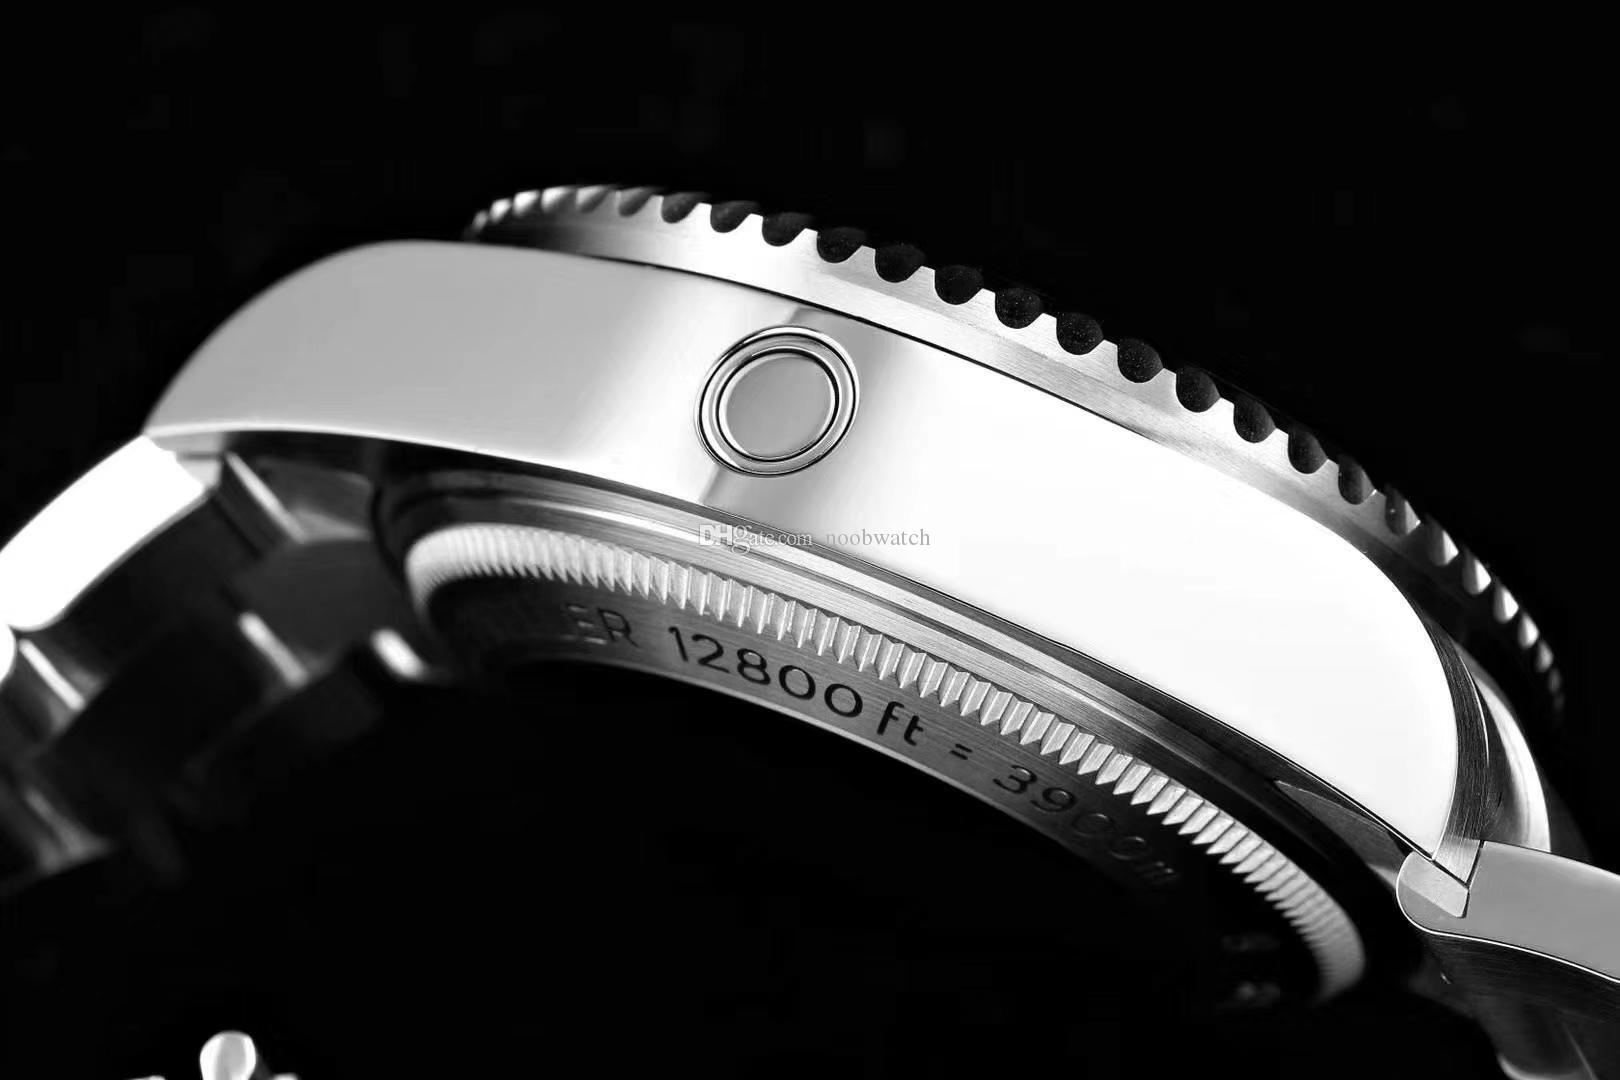 vetro zaffiro in acciaio 44 millimetri 904L uomo Orologi uomini orologio automatico da polso 3235 movimento orologio di lusso profondo 126660 mare D-BLU